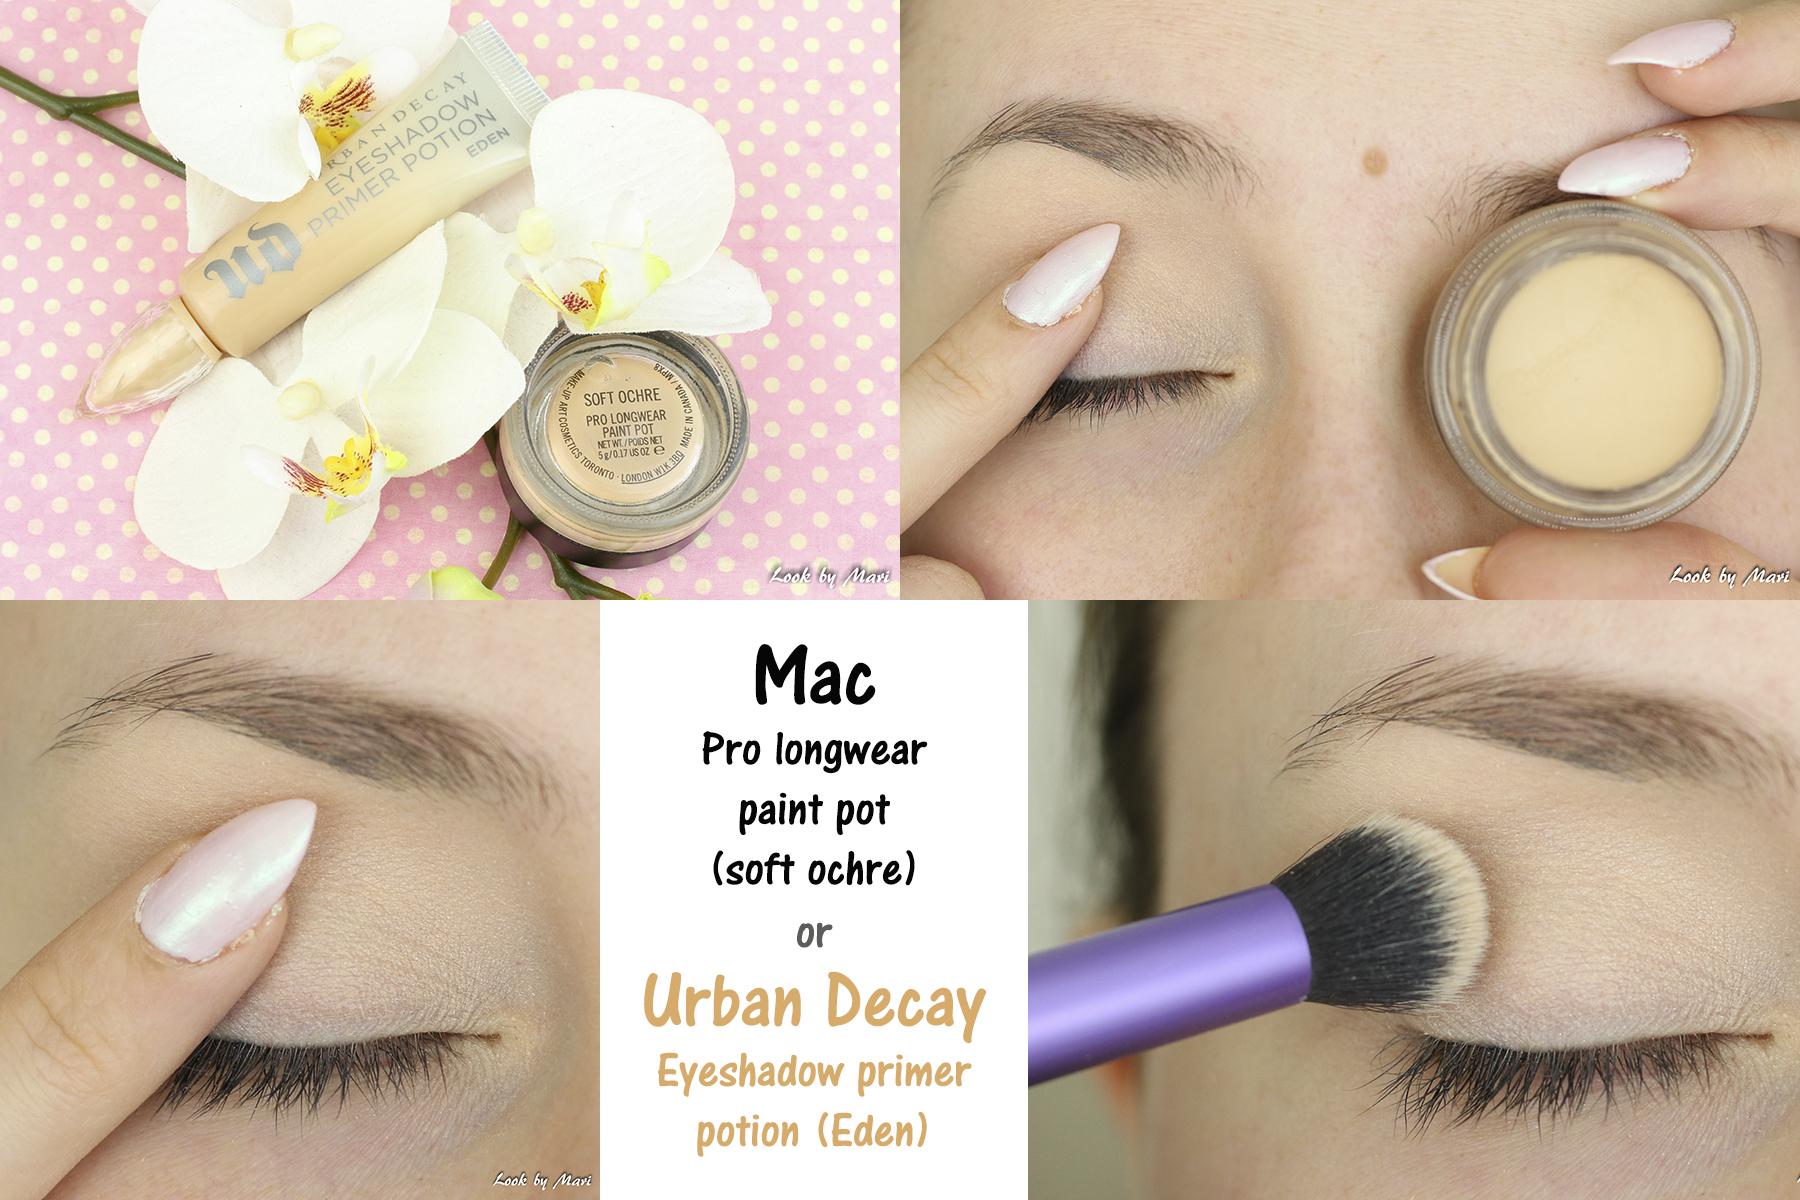 2 mac pro longwear paint pot soft ochre kokemuksia review